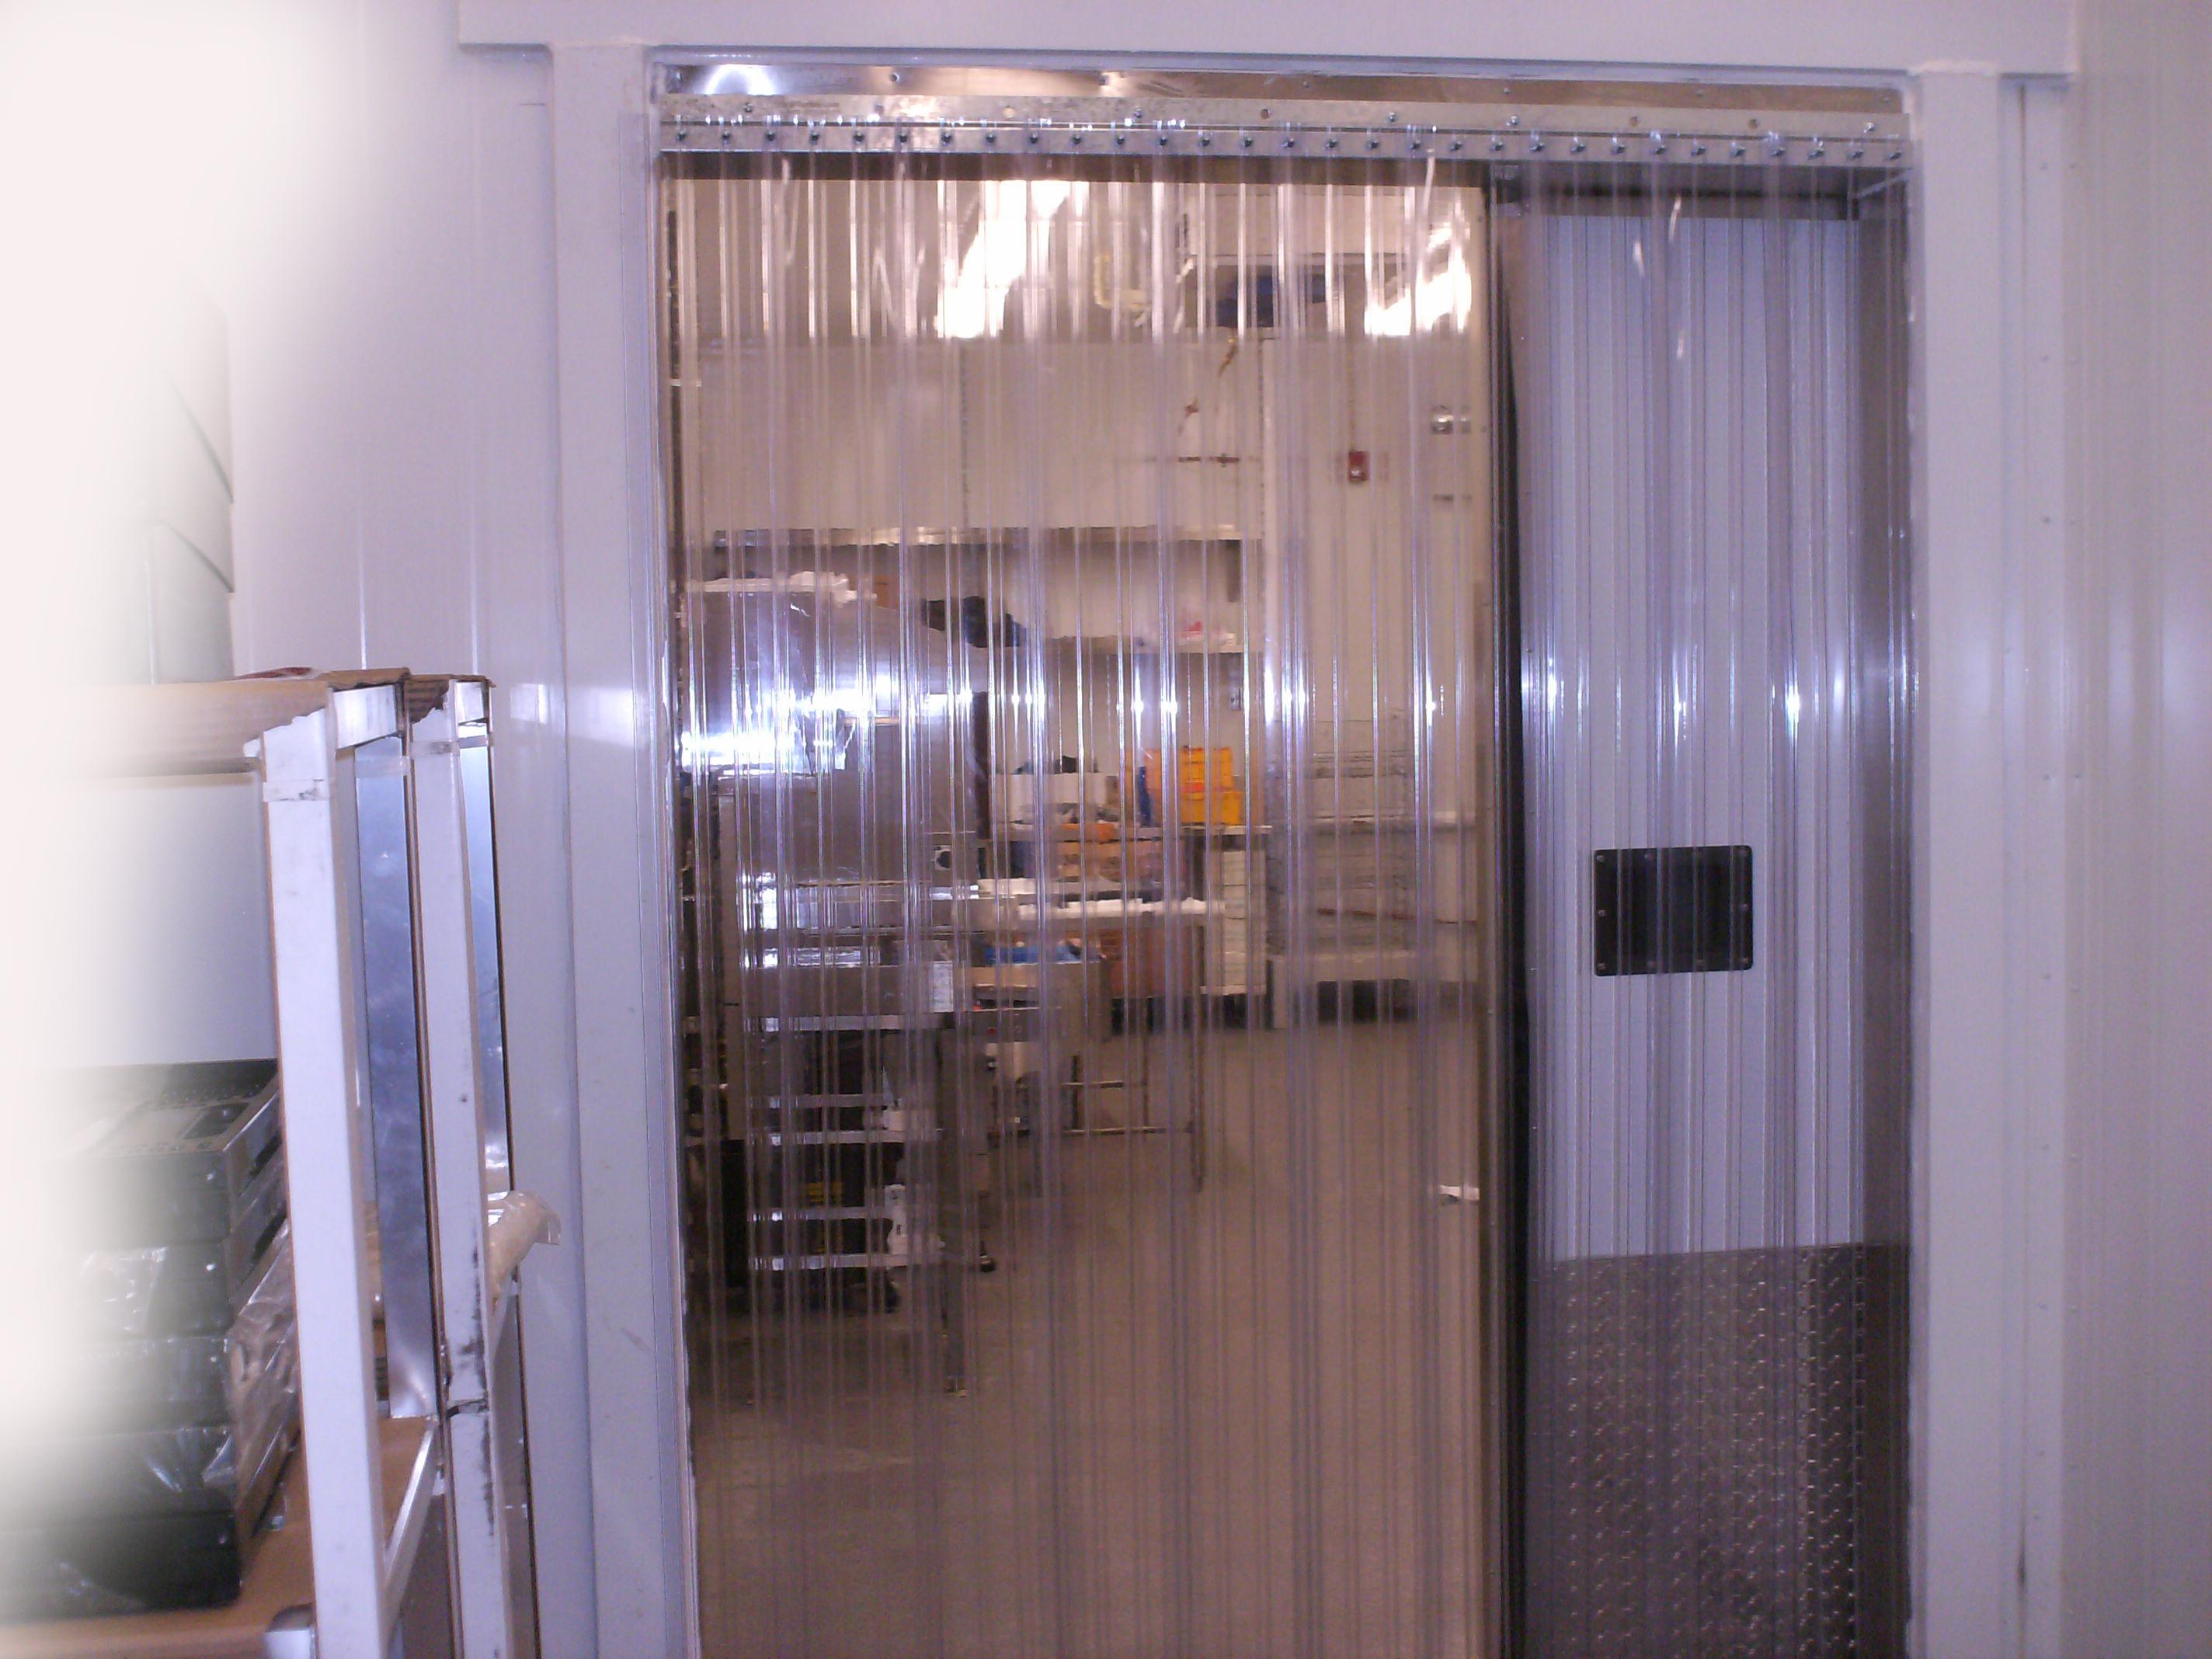 vinyl strip door curtain 84 x 96 cooler freezer ribbed